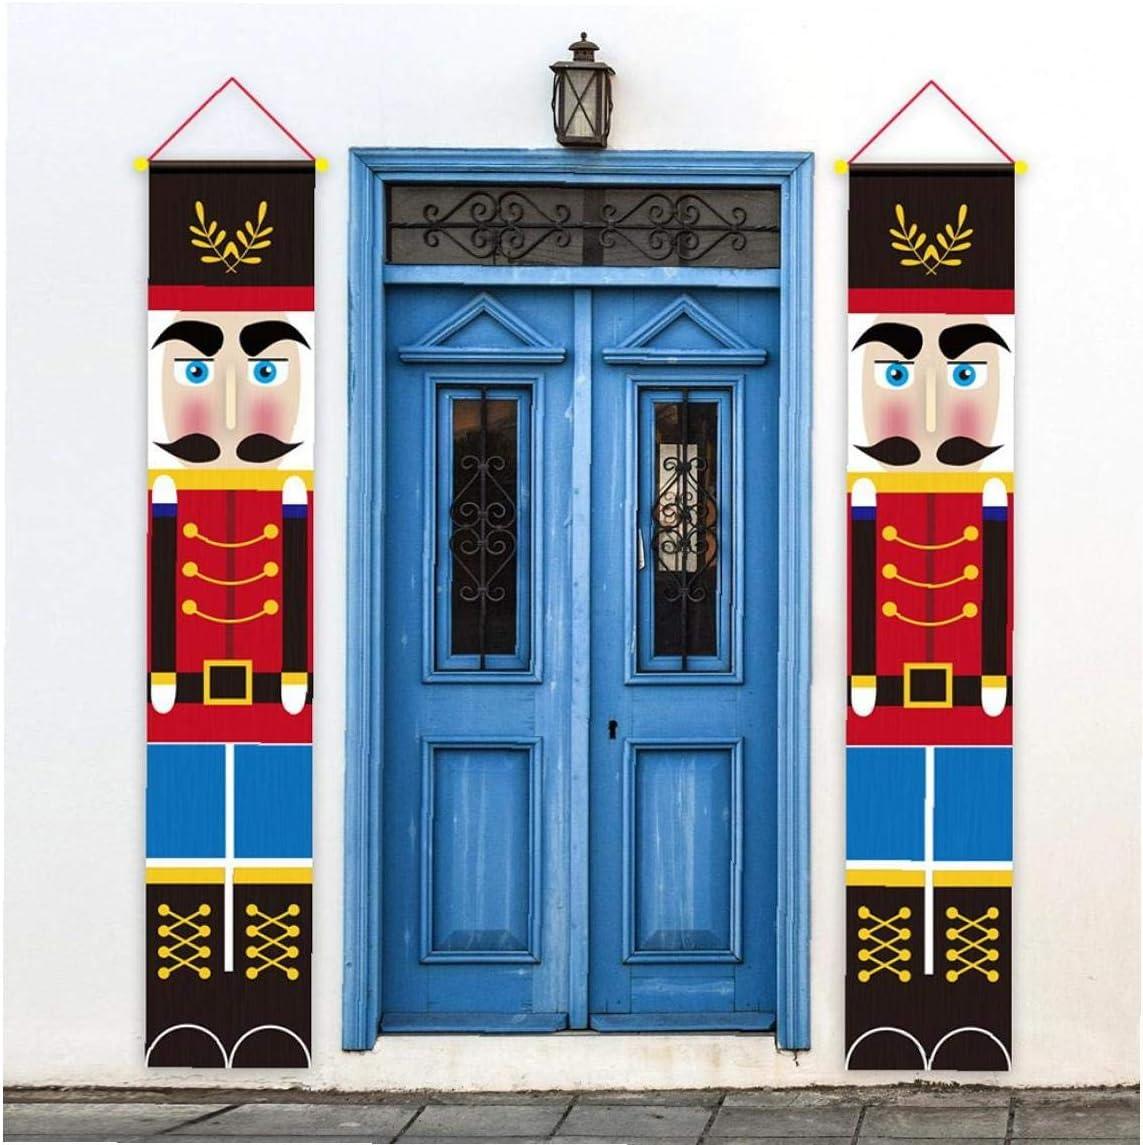 LAANCOO Decoraci/ón de Navidad Cascanueces Banner Soldado Modelo de la Puerta Frontal Porche jard/ín Interior al Aire Libre los ni/ños Parte 2 Piezas